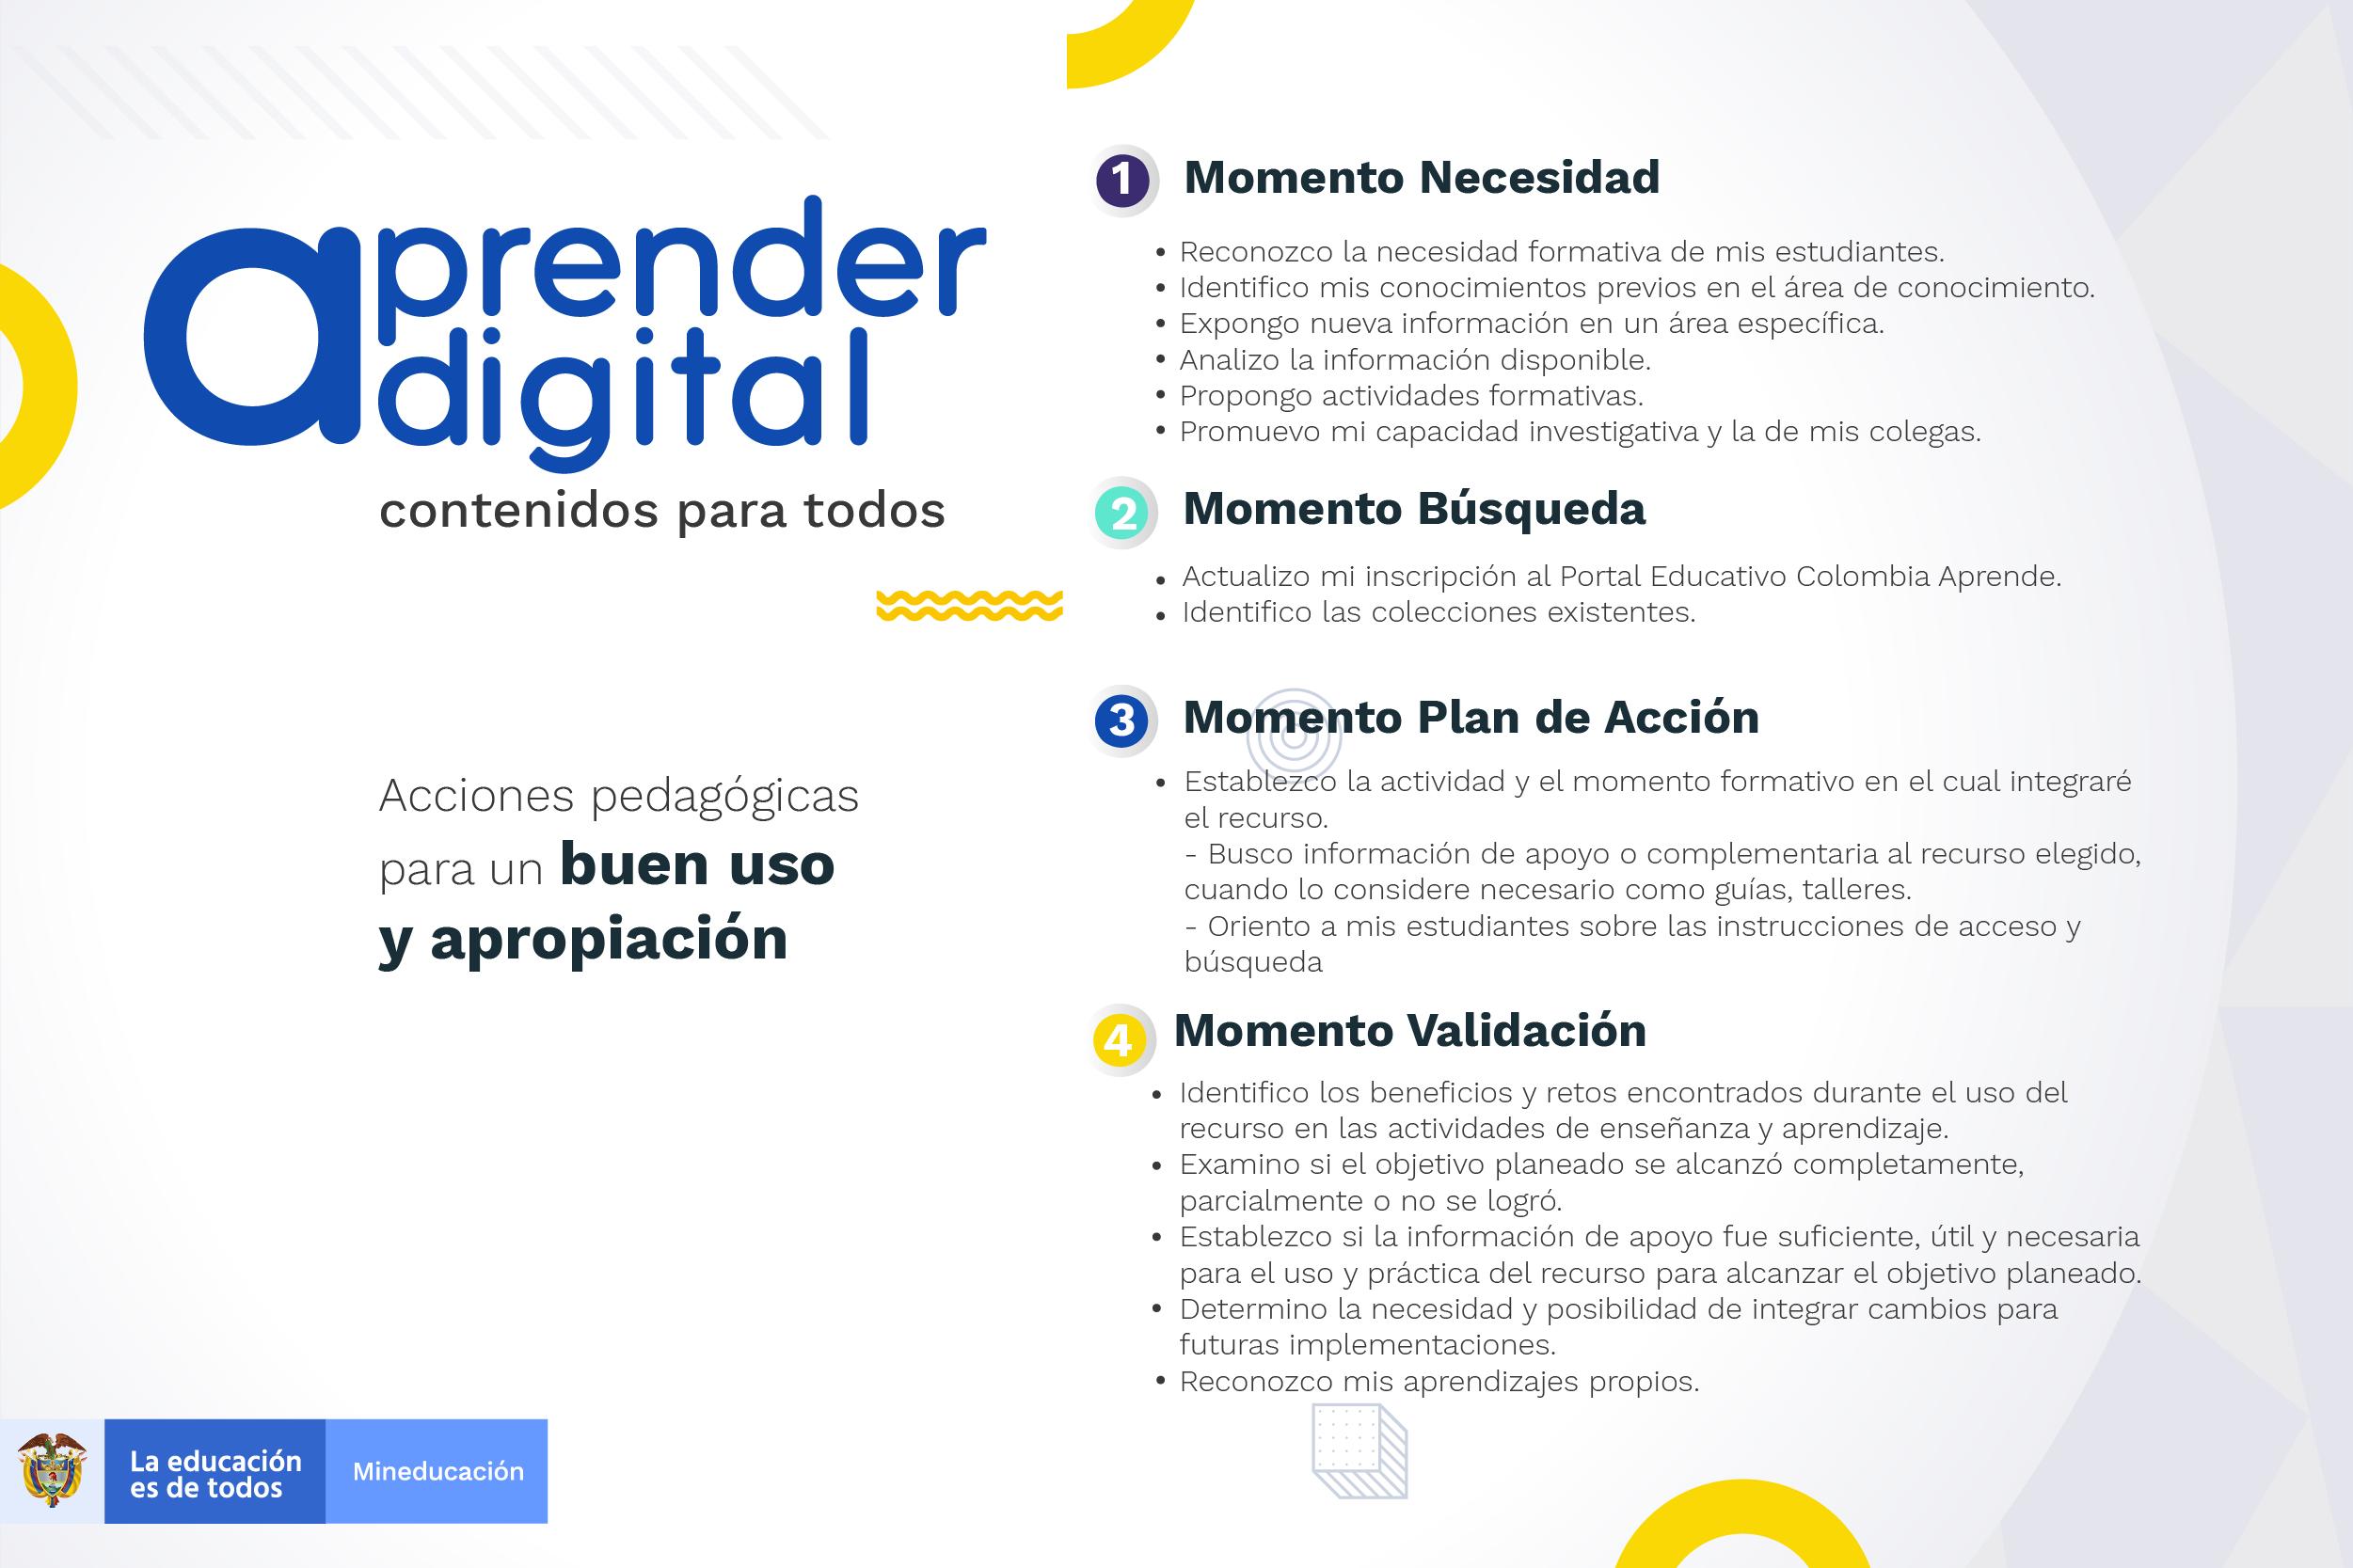 Infografía sobre la gestión de contenidos educativos digitales